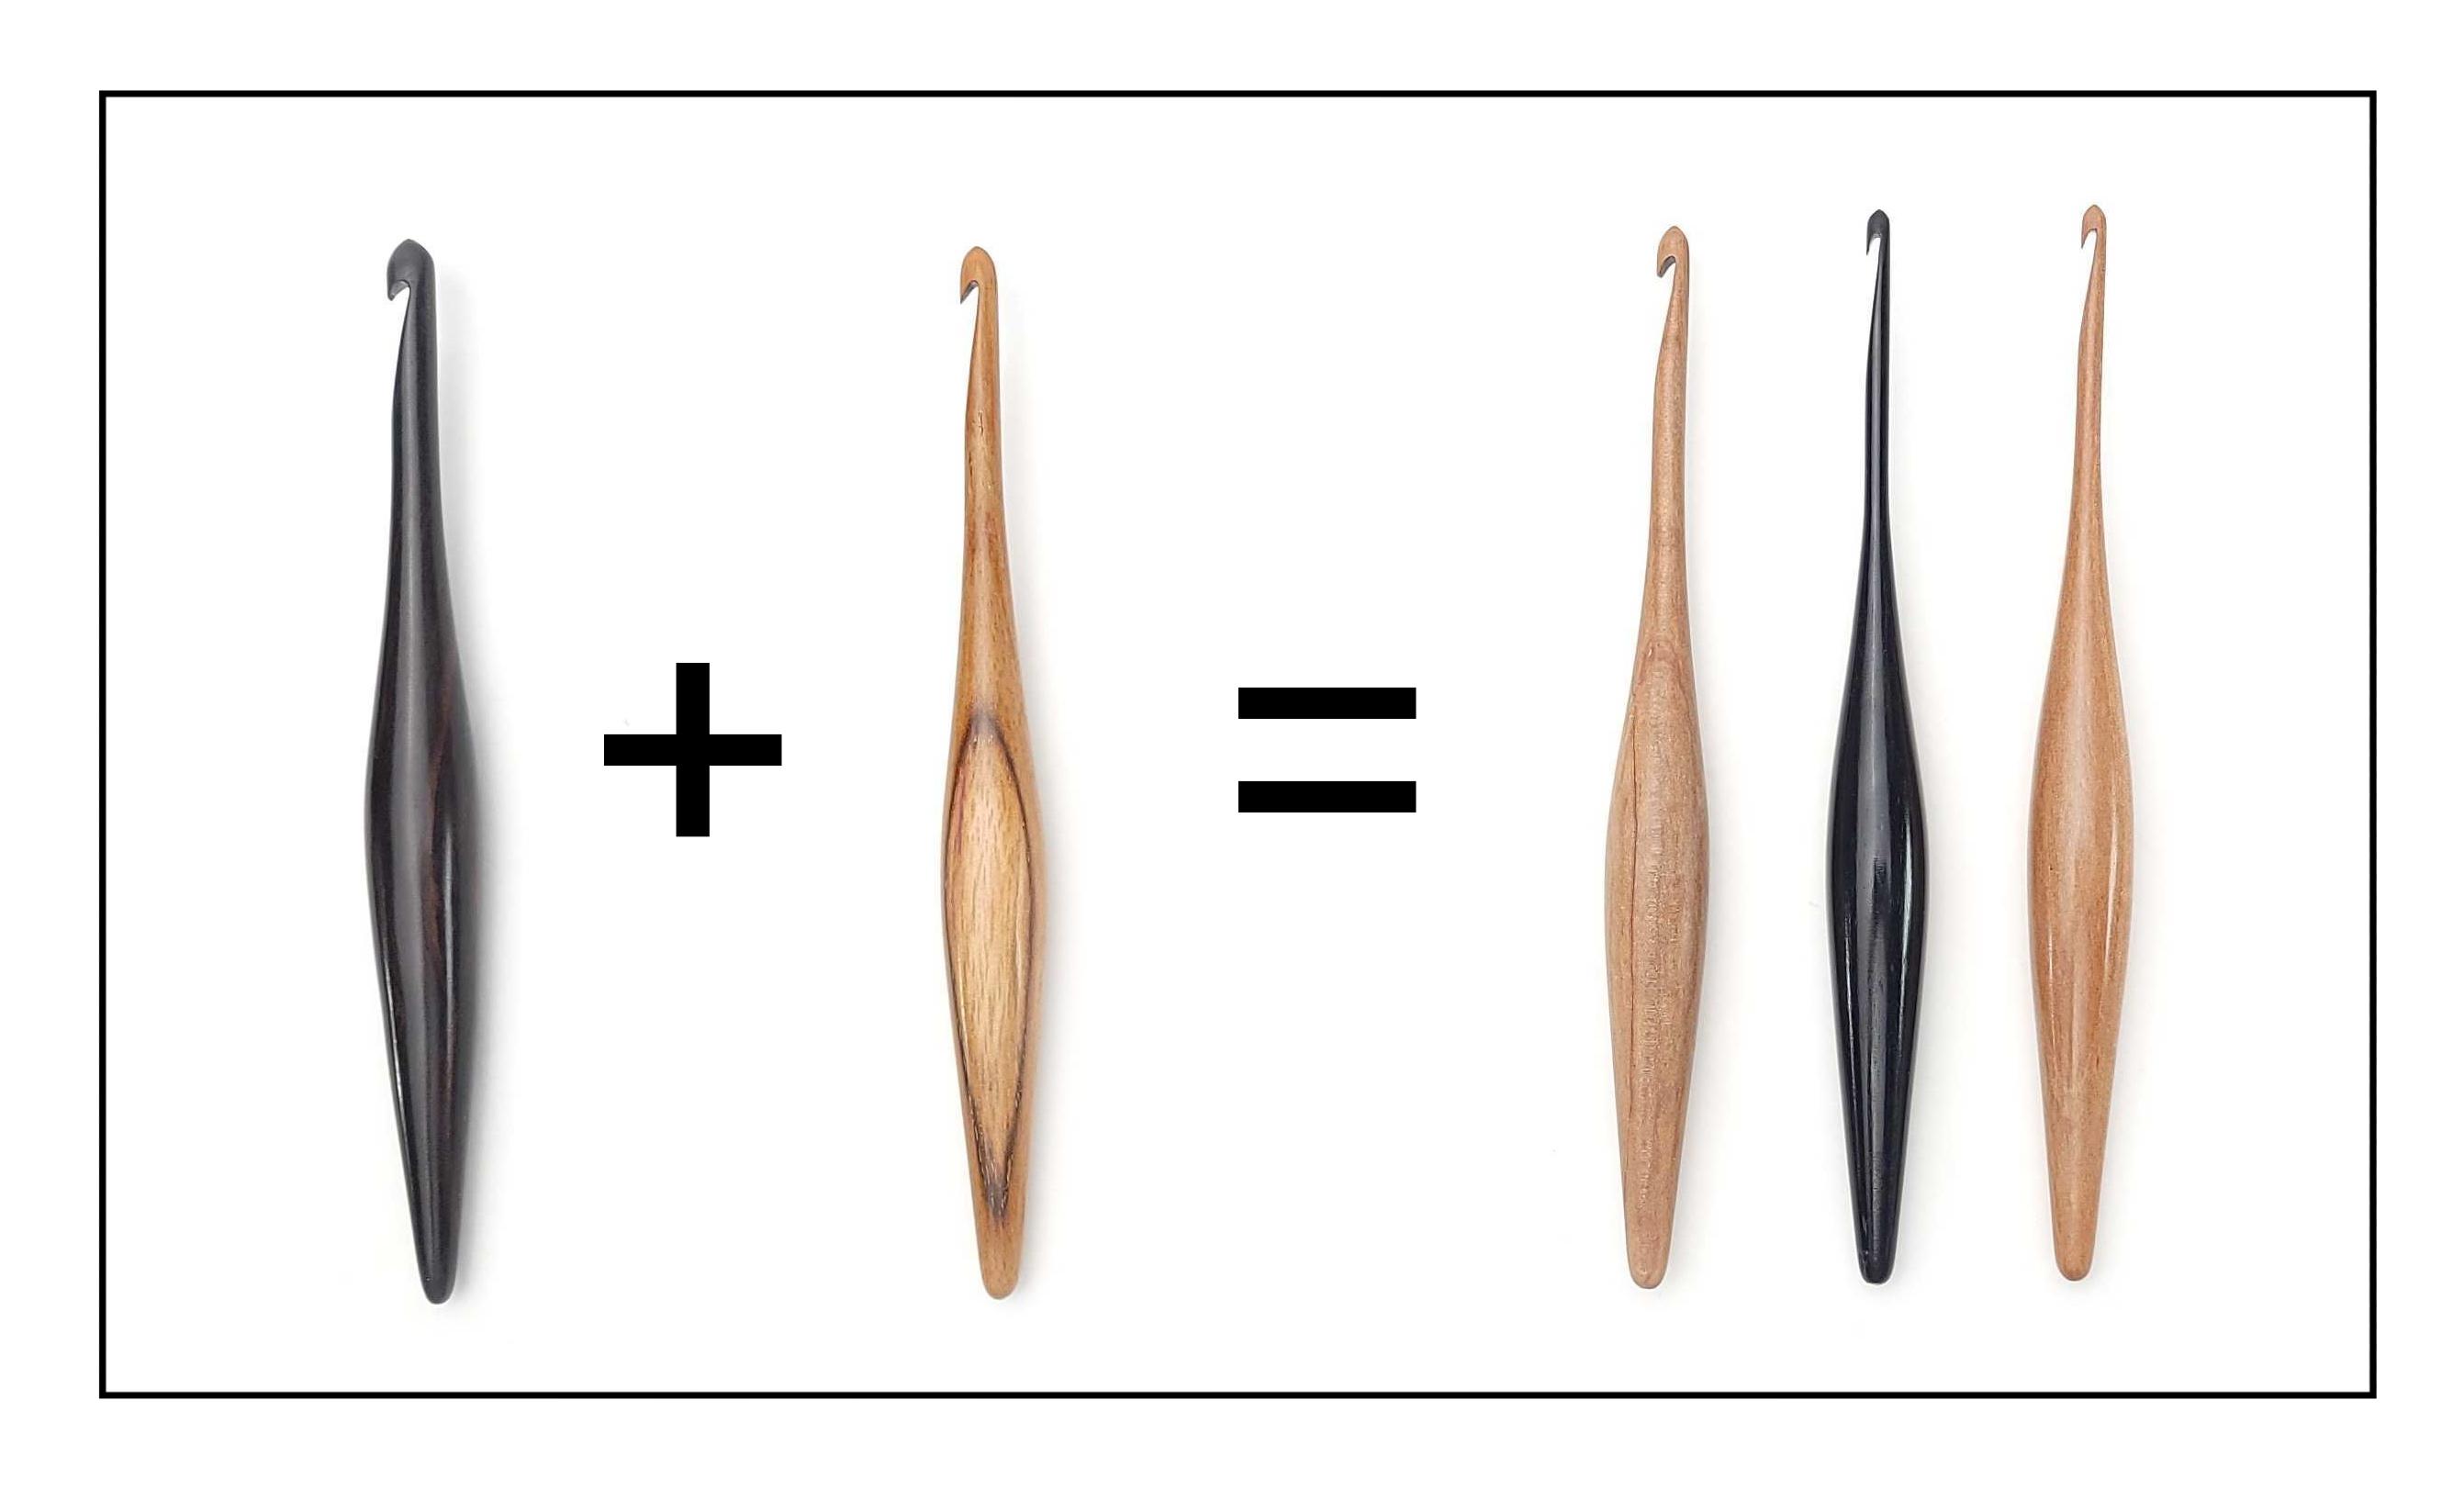 https://furlscrochet.com/products/furls-streamline-ergonomic-wooden-crochet-hooks